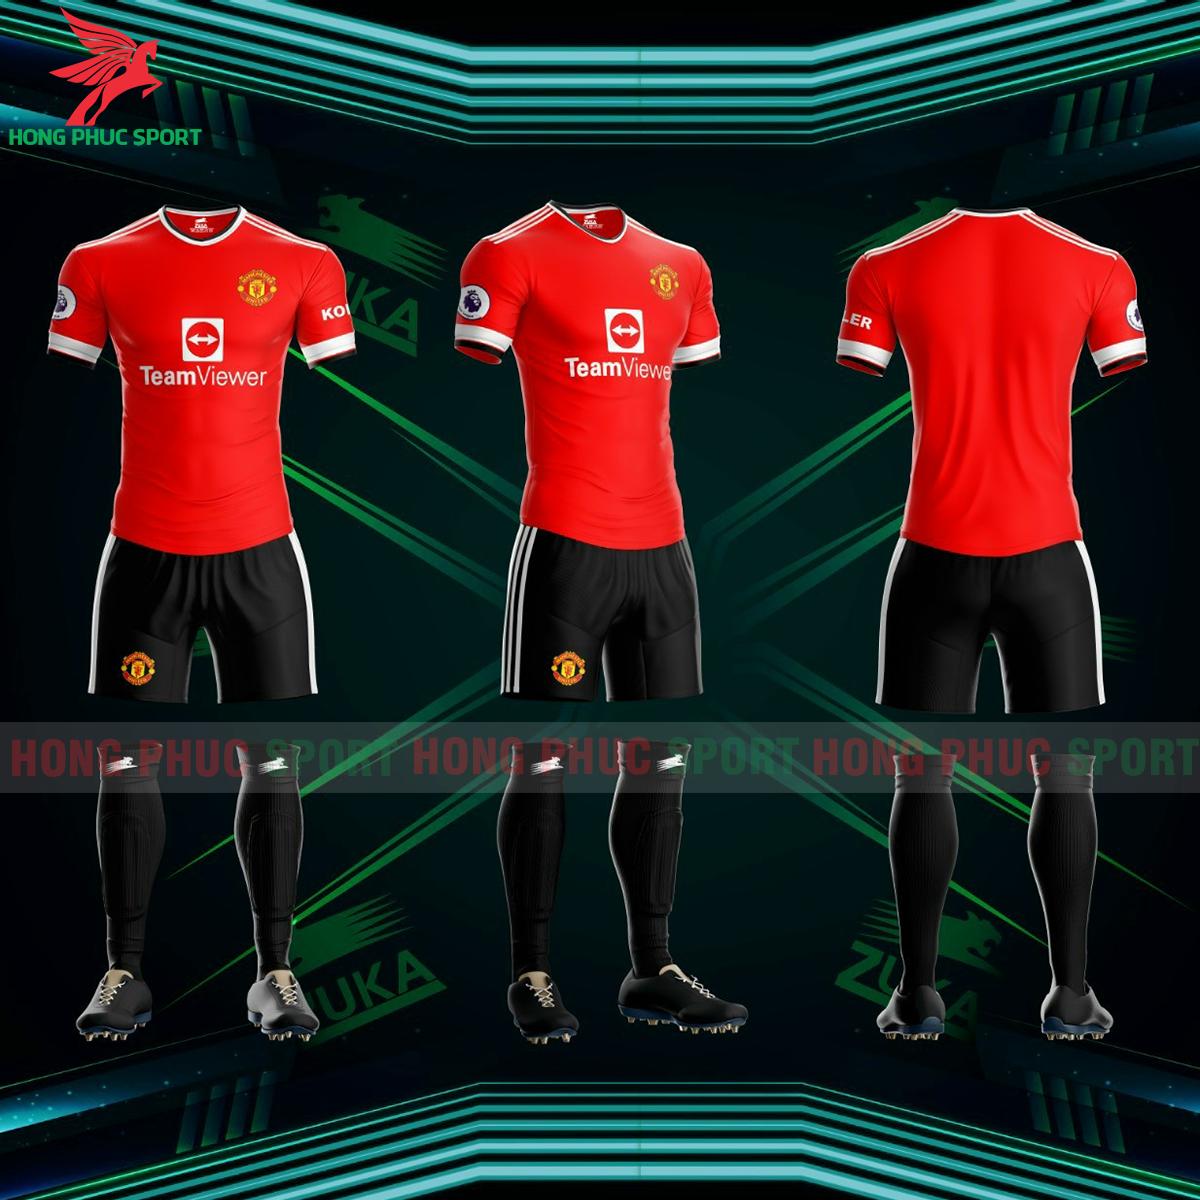 https://cdn.hongphucsport.com/unsafe/s4.shopbay.vn/files/285/ao-bong-da-manchester-united-2021-2022-san-nha-6074f7d3913ff.png